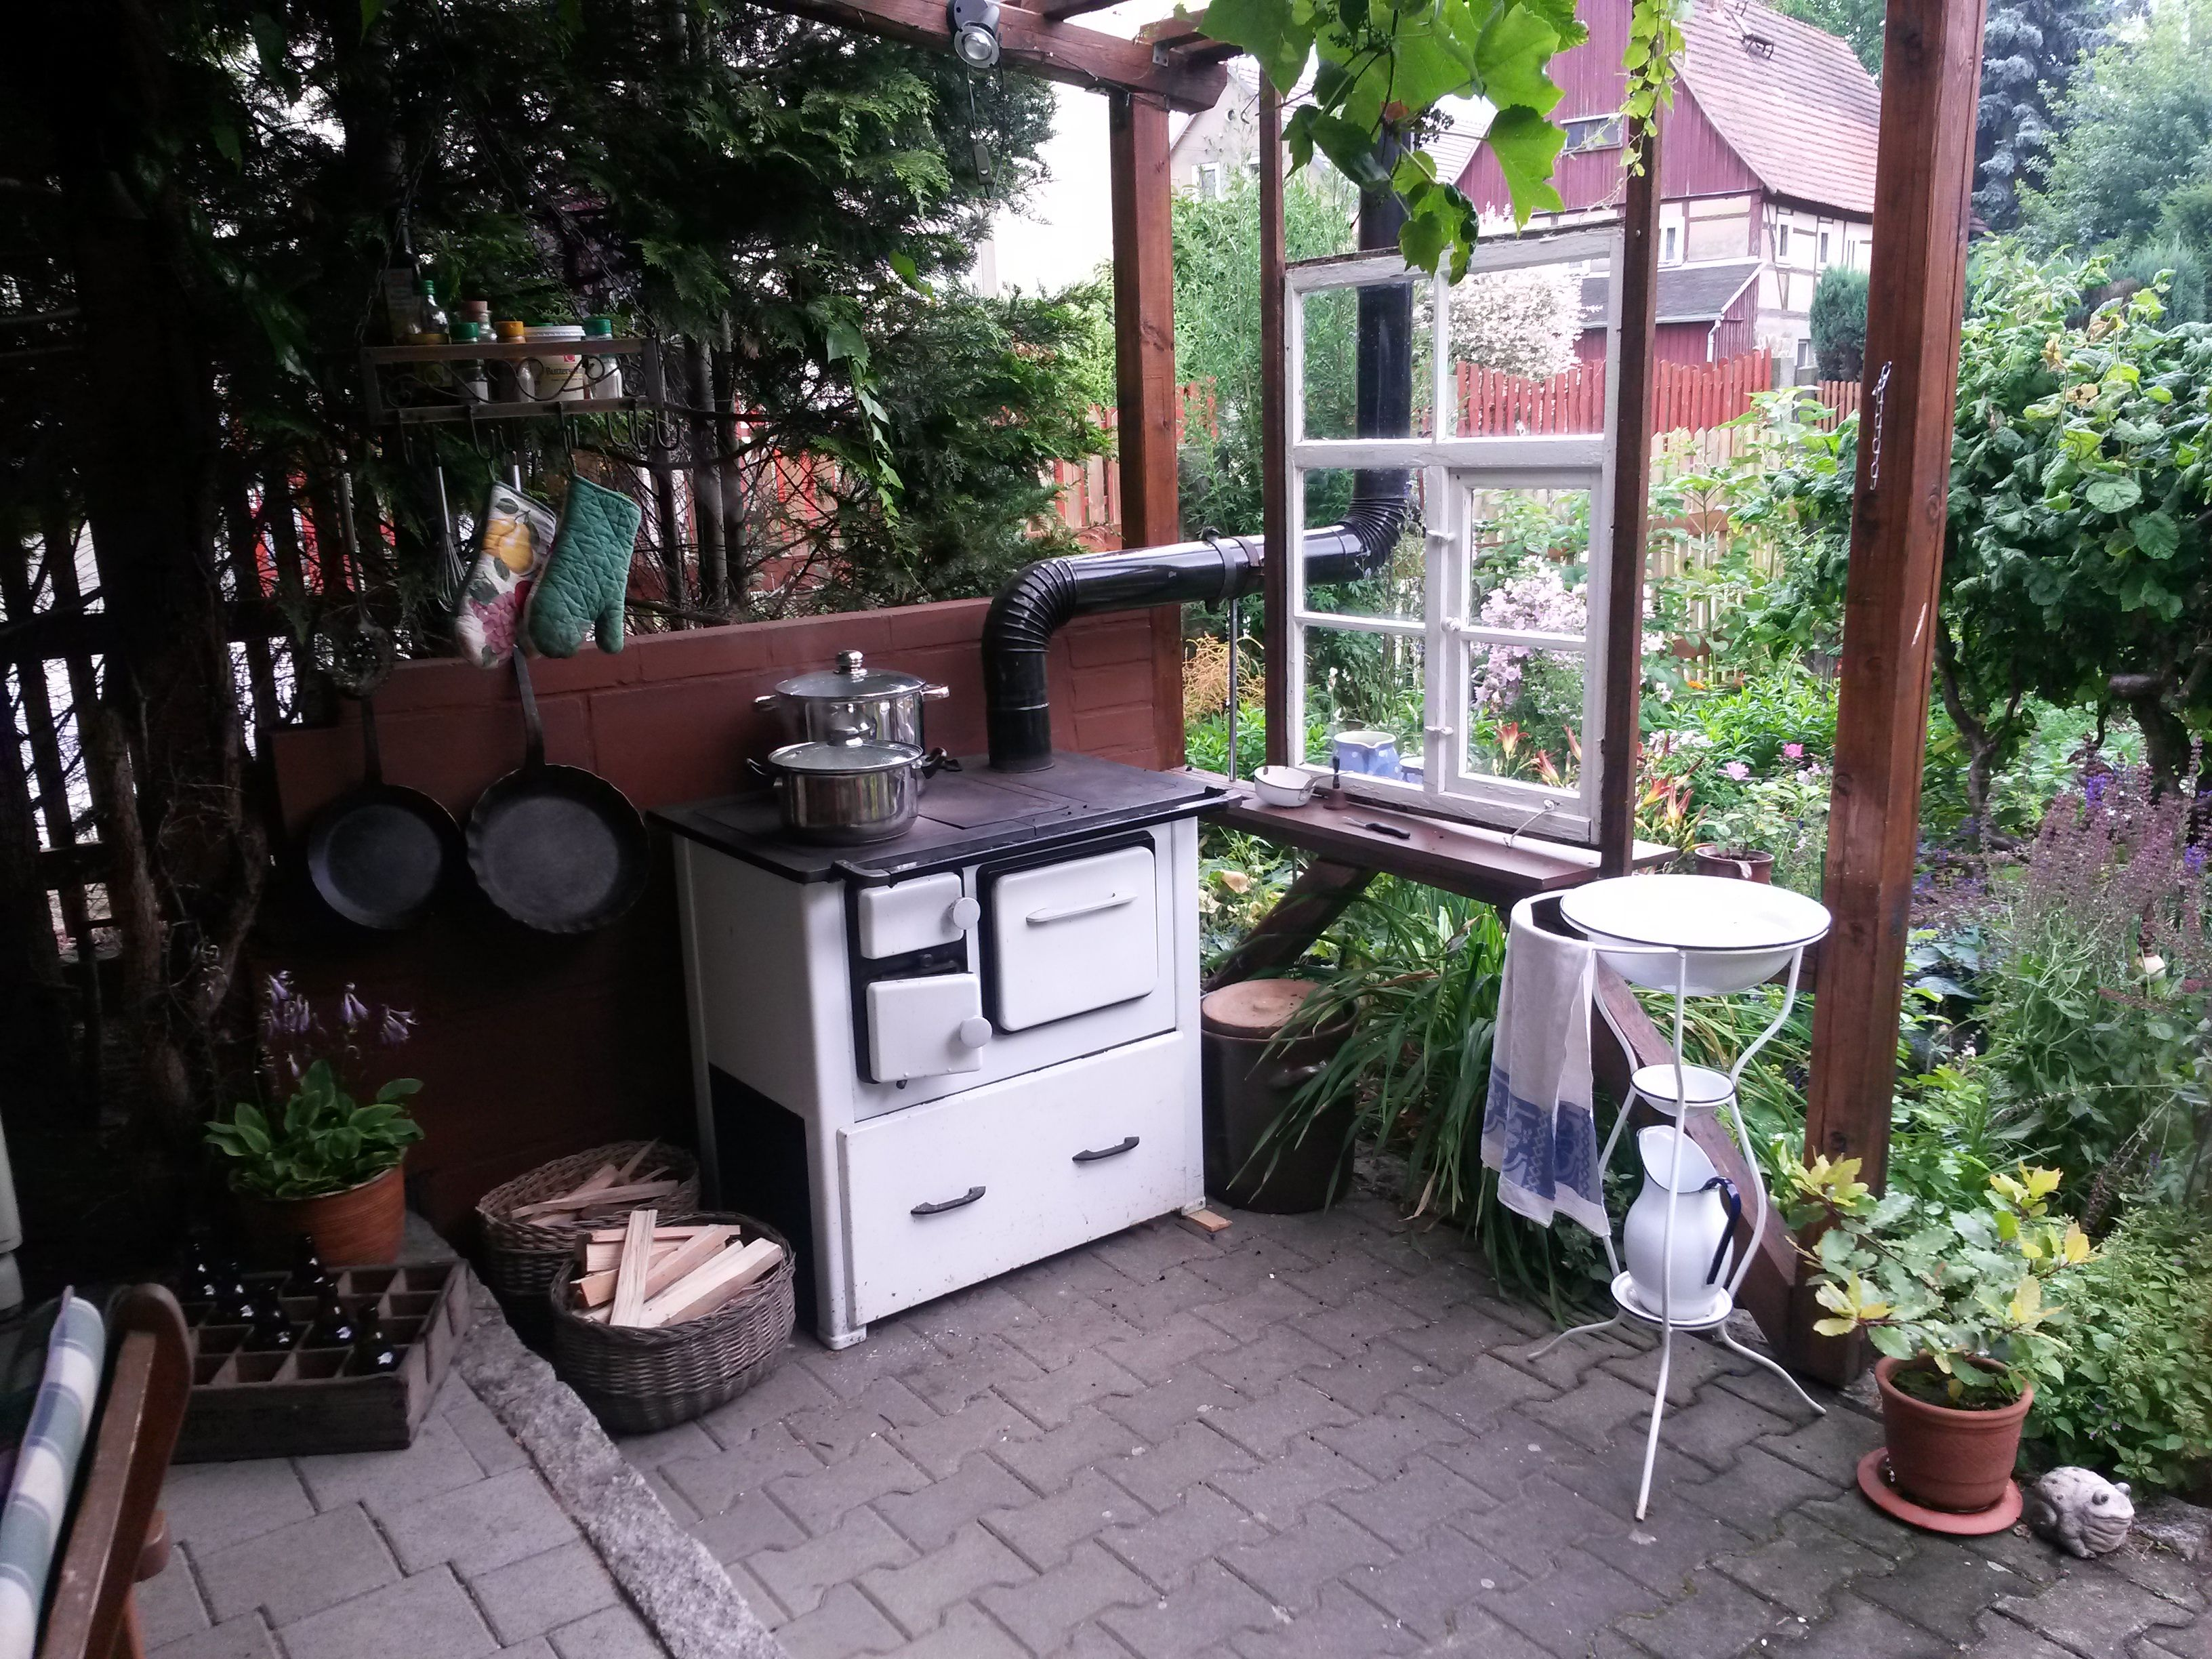 gartenküche | garten | pinterest | garten